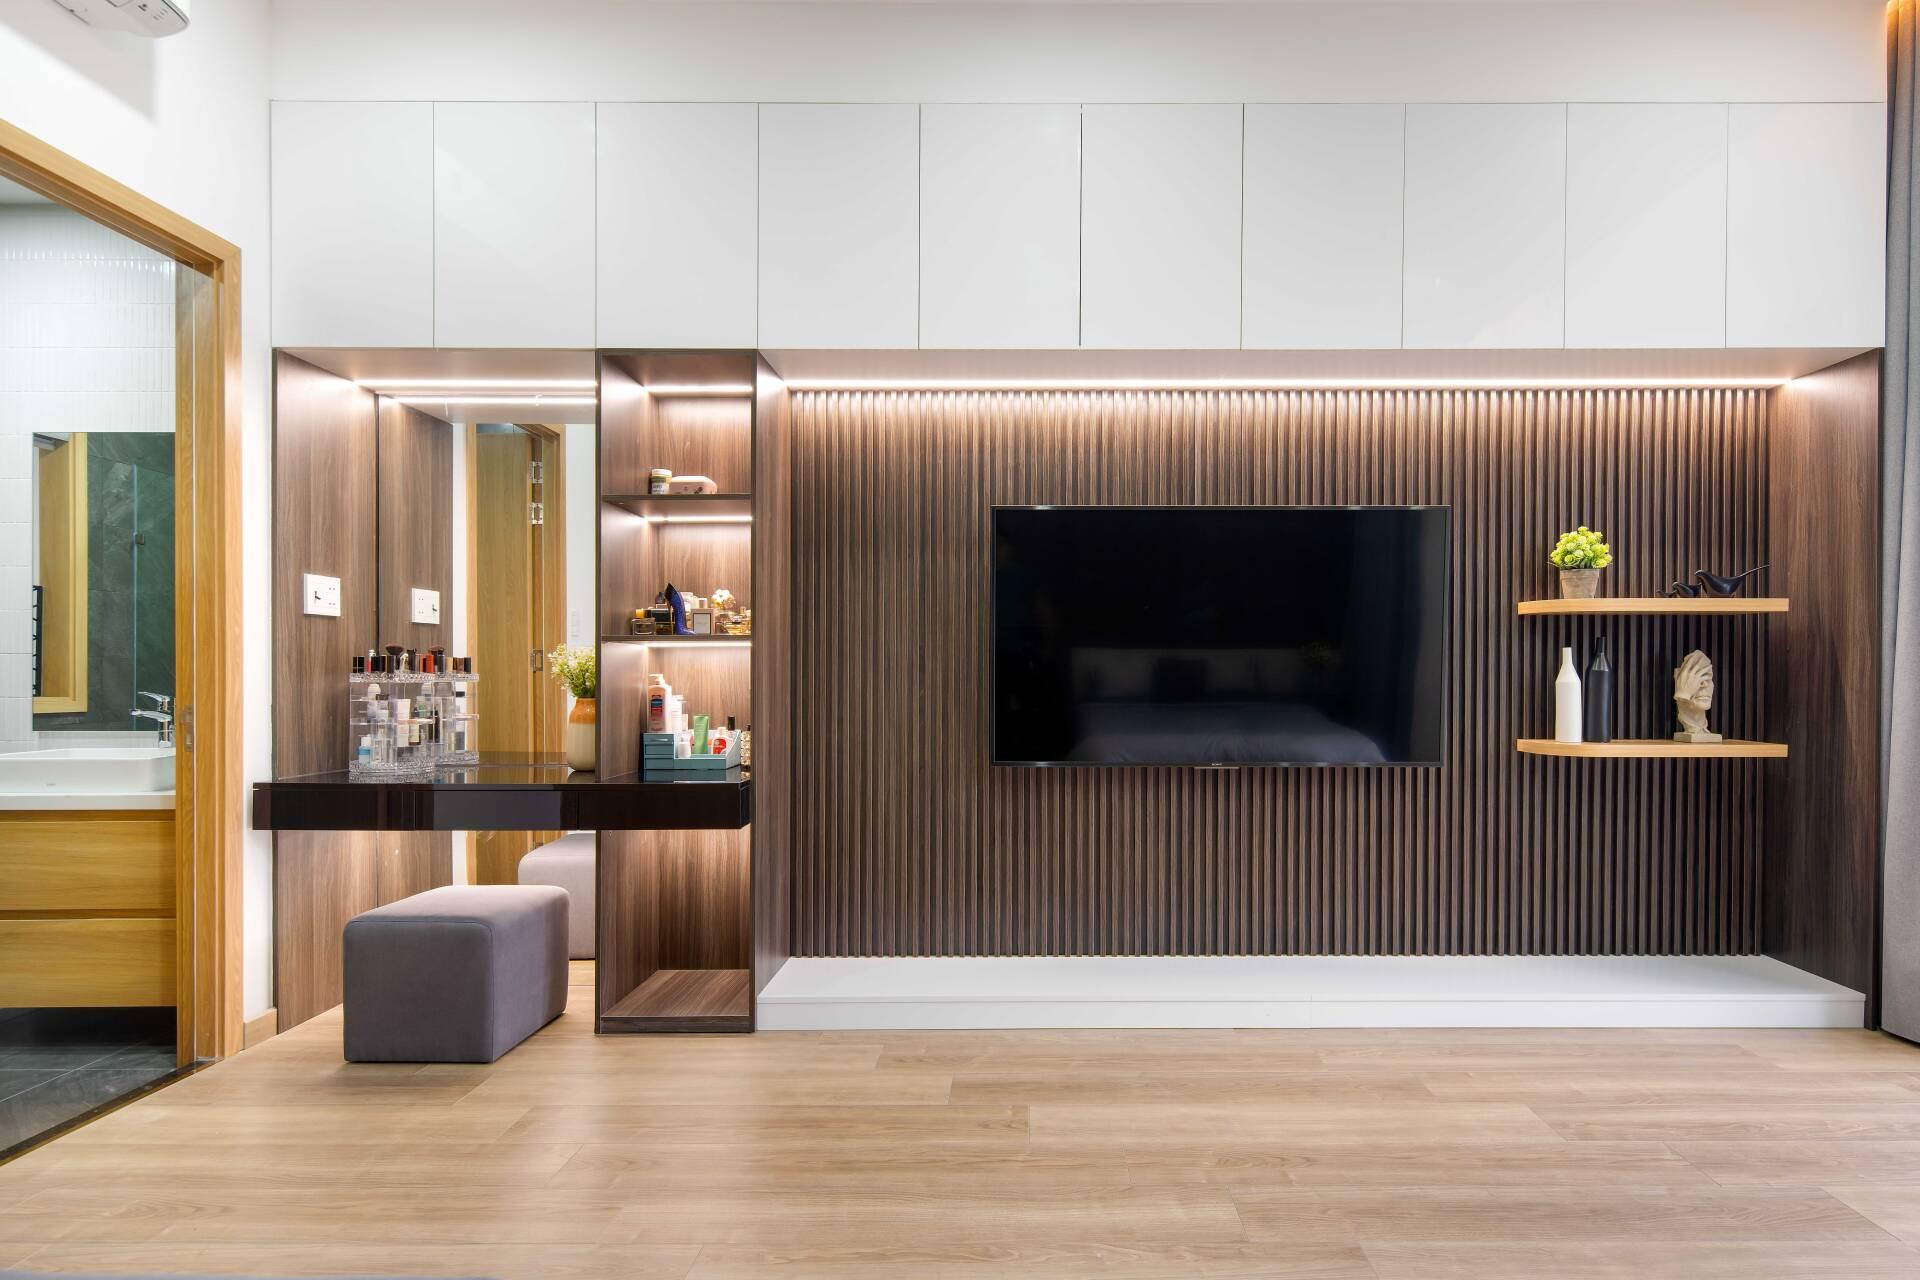 Tạo điểm nhấn cho không gian là bàn trang điểm và kệ tủ trang trí ở đối diện giường, KTS sử dụng gam màu gỗ nâu tối, thay vì là nâu sáng như tổng thể của phòng